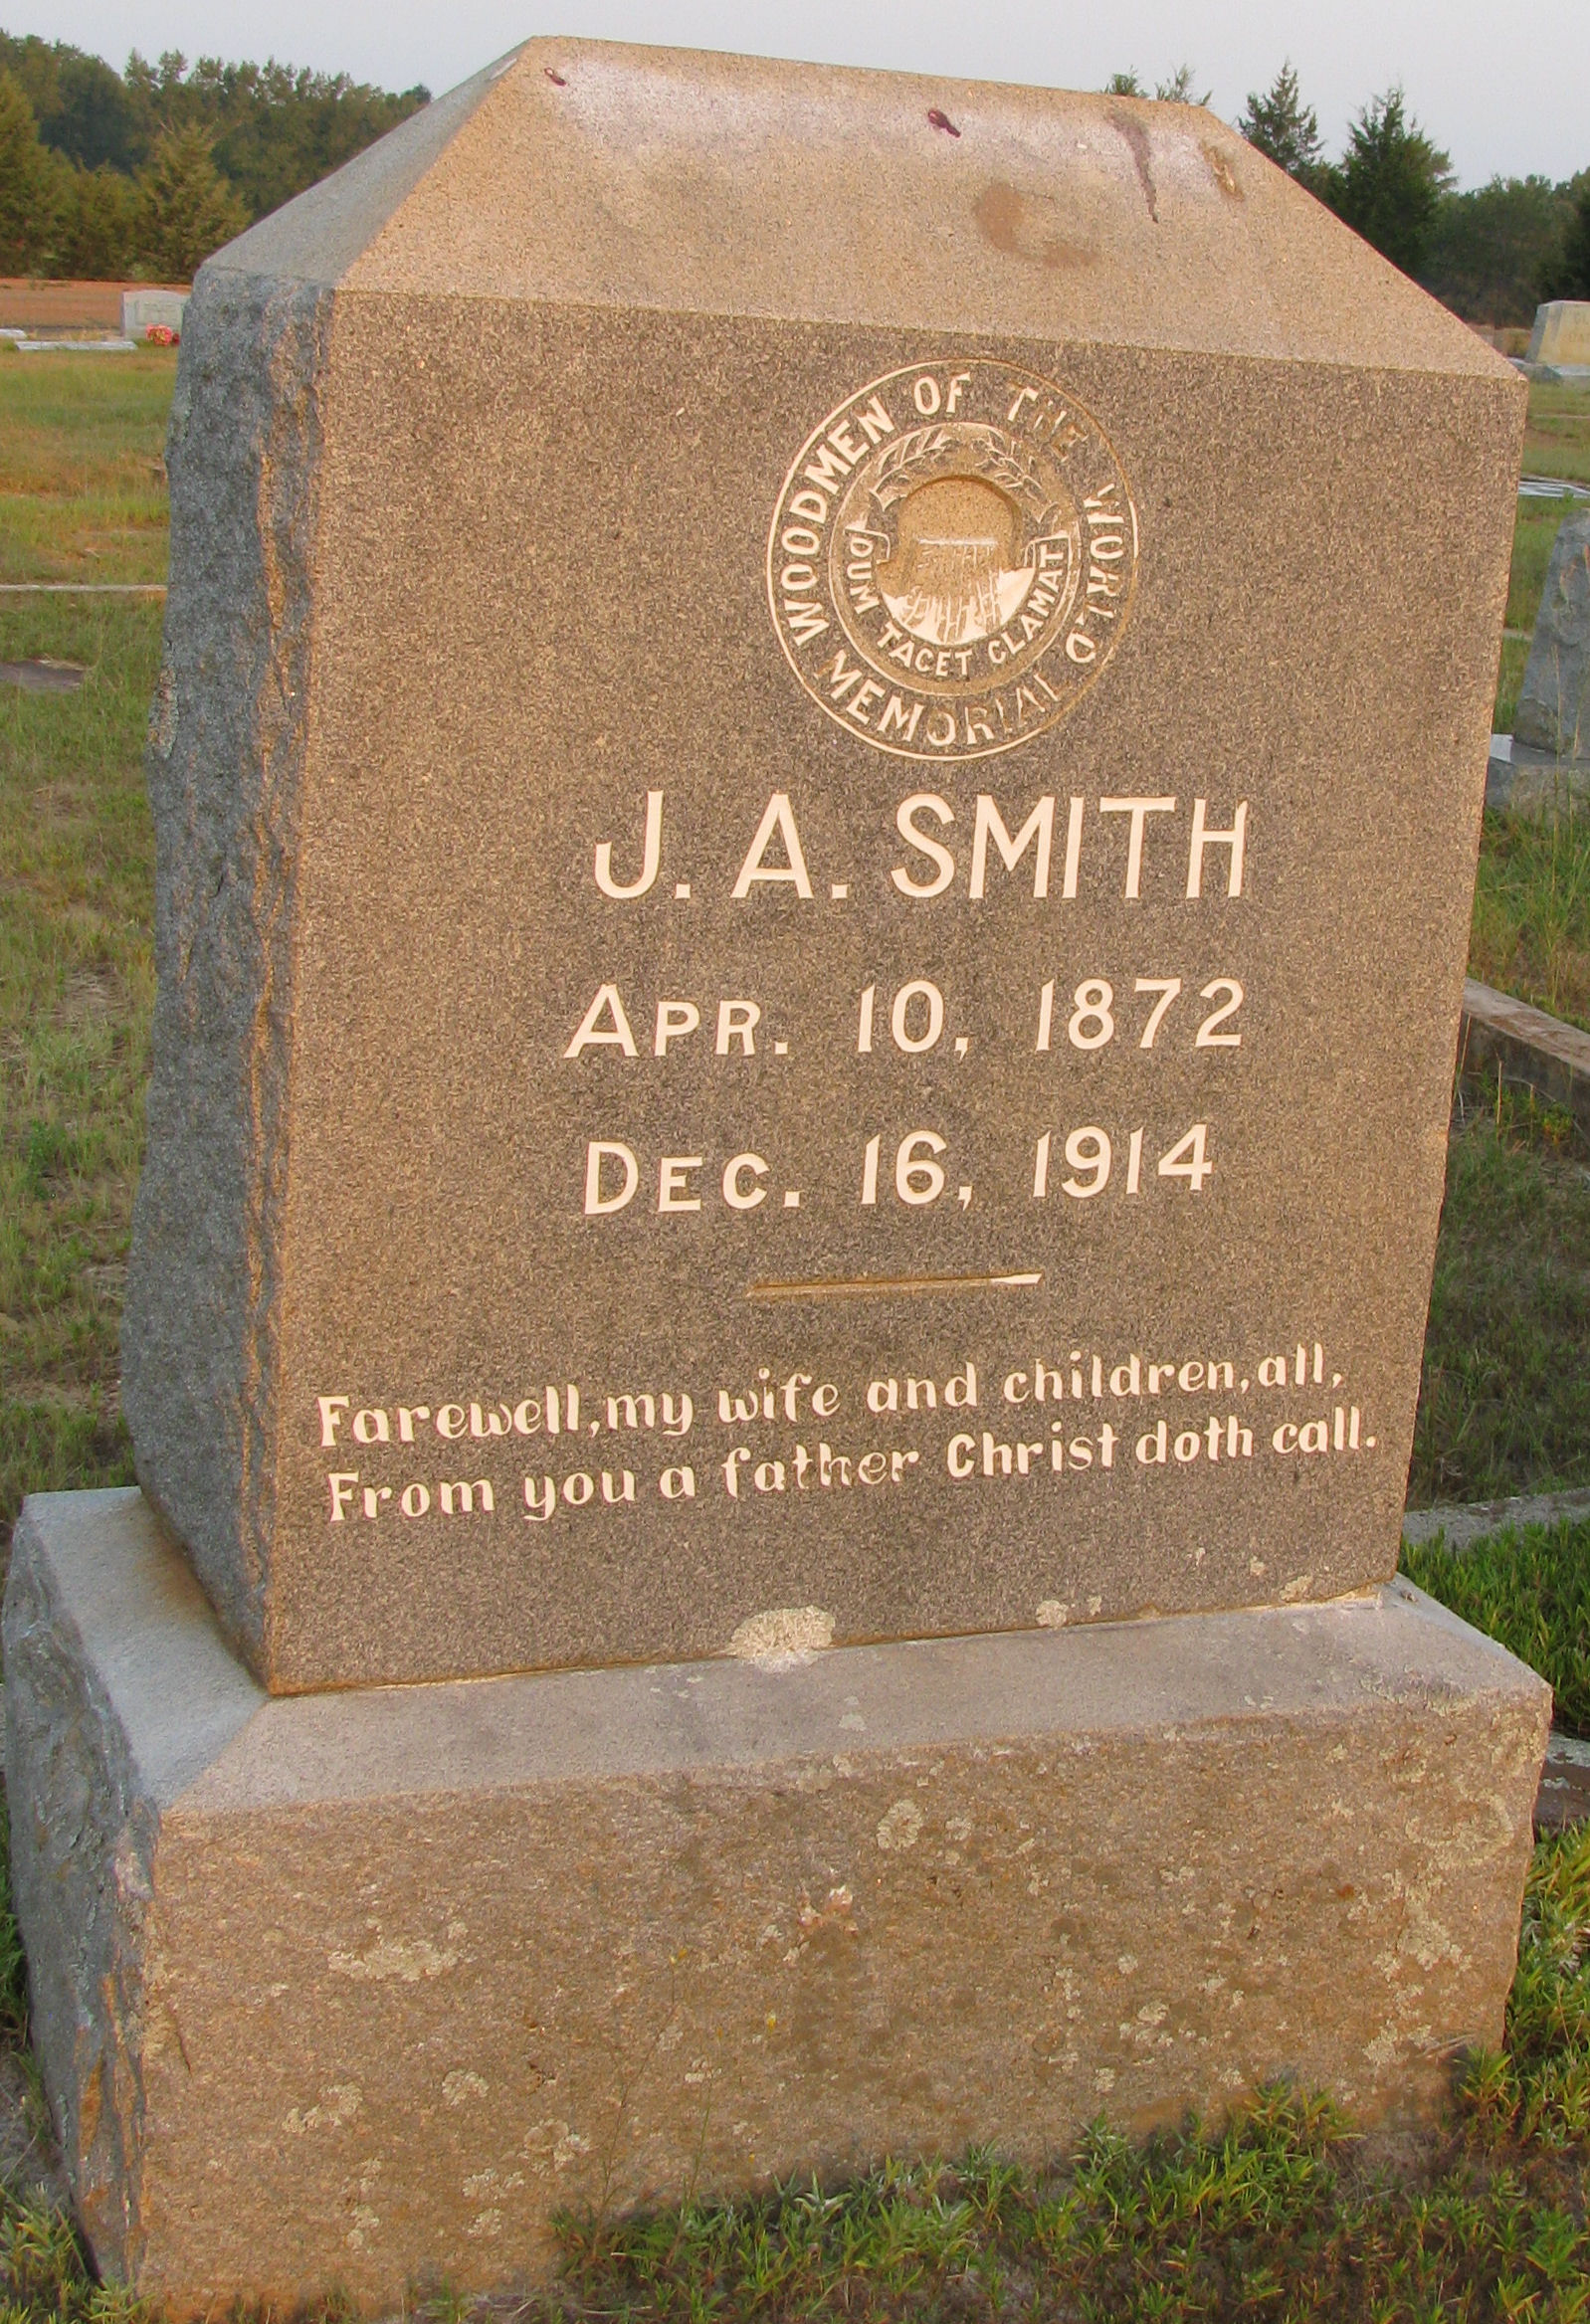 James A. Smith